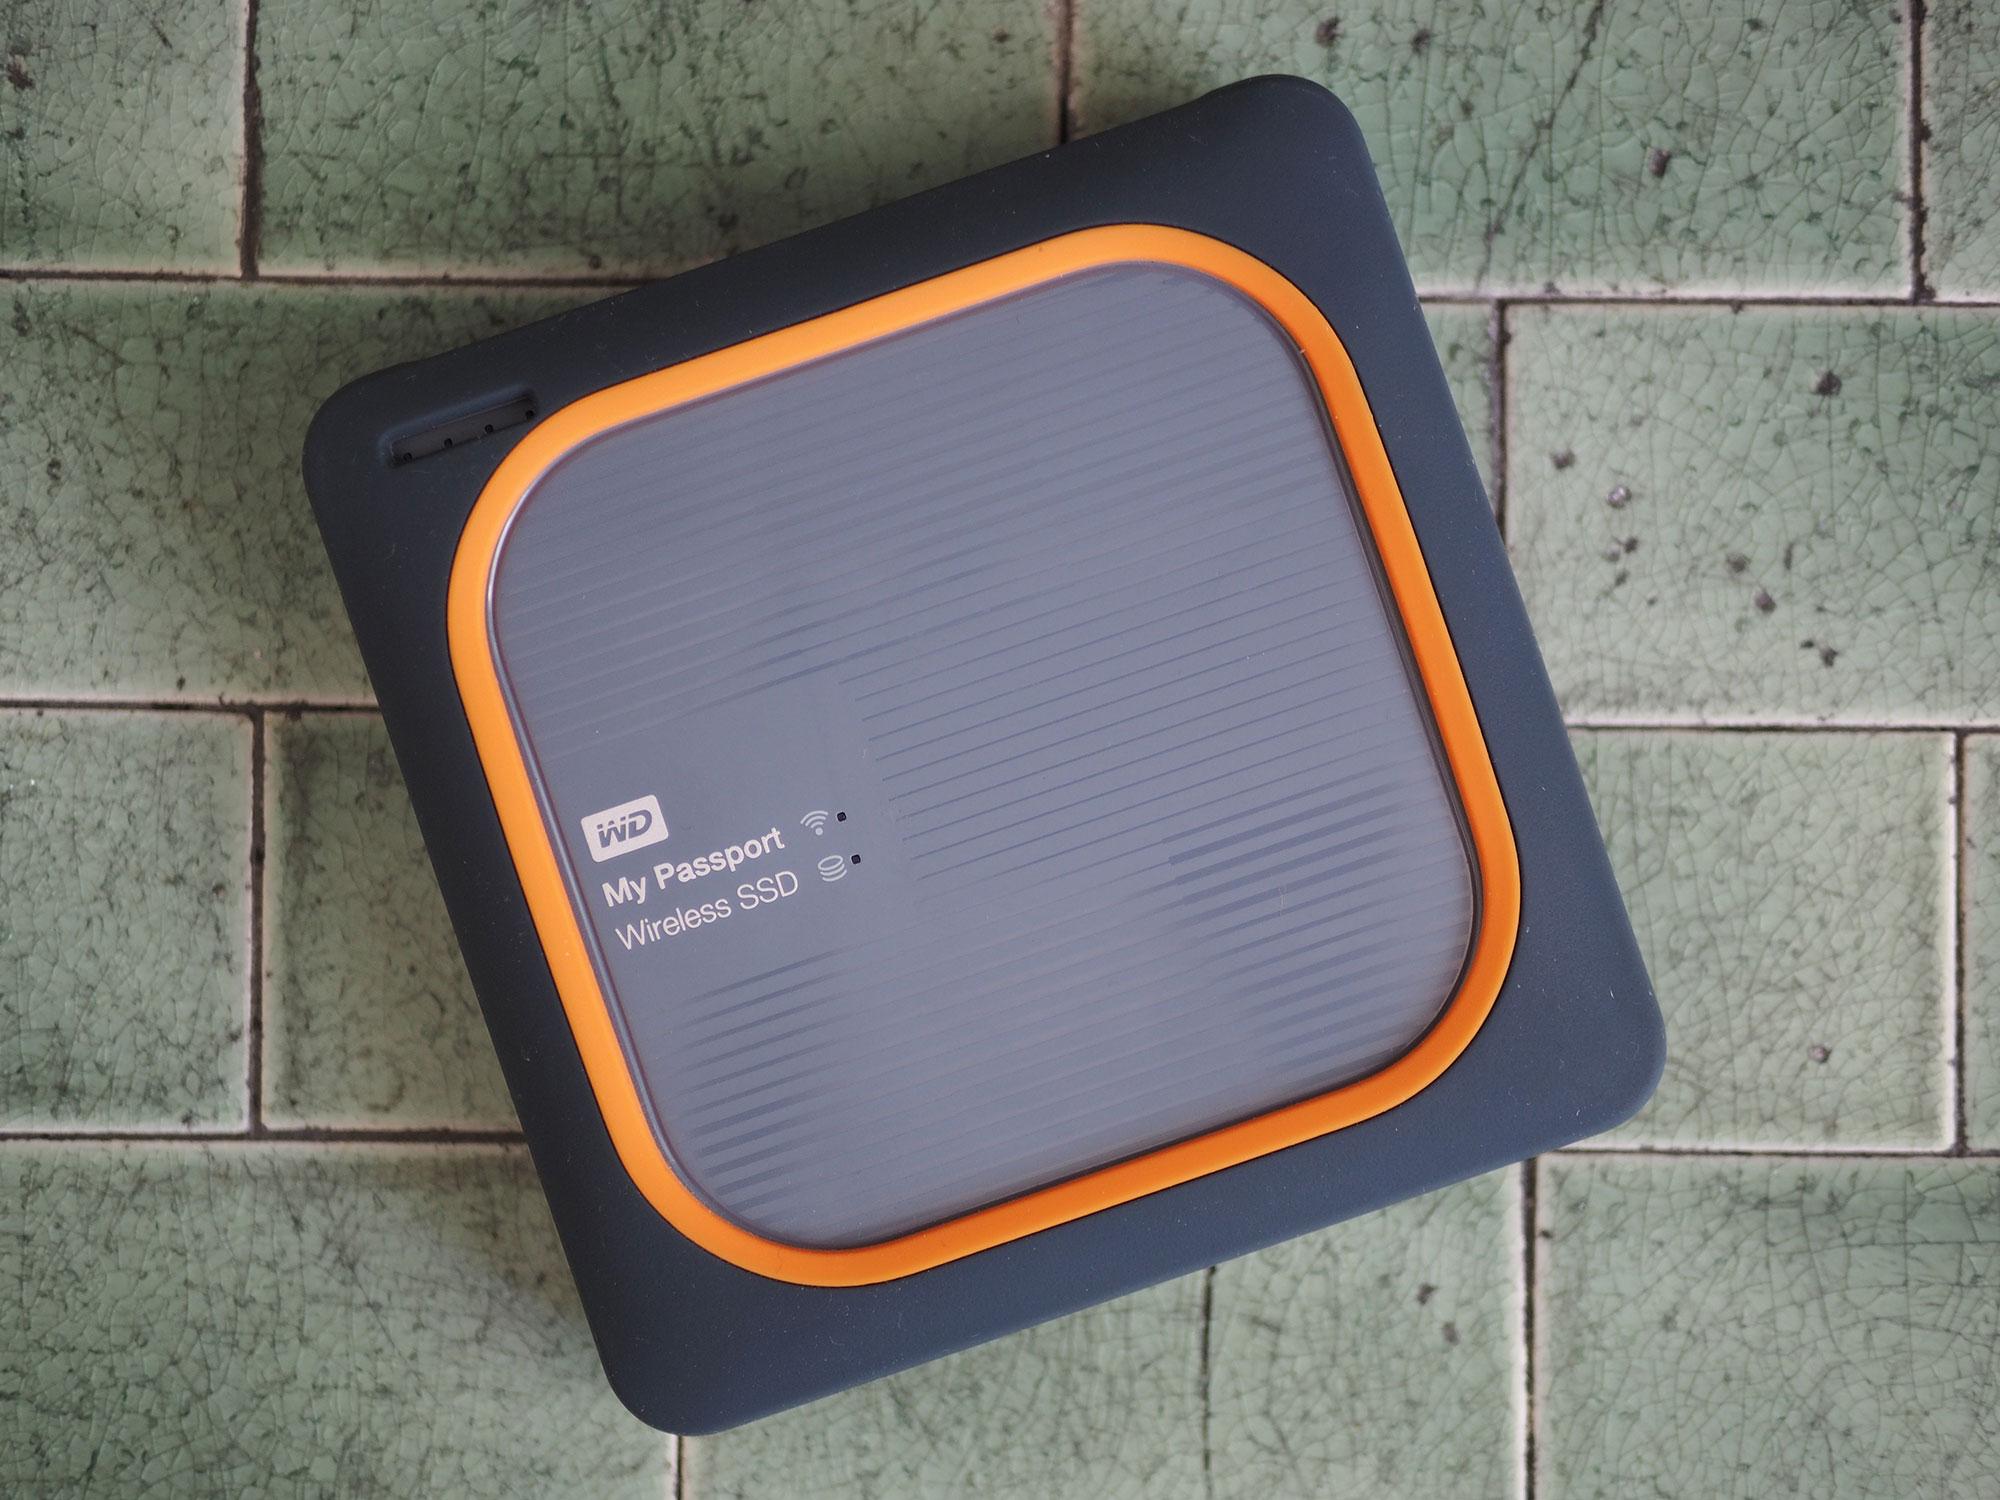 wd-my-passport-wireless-ssd-hero2